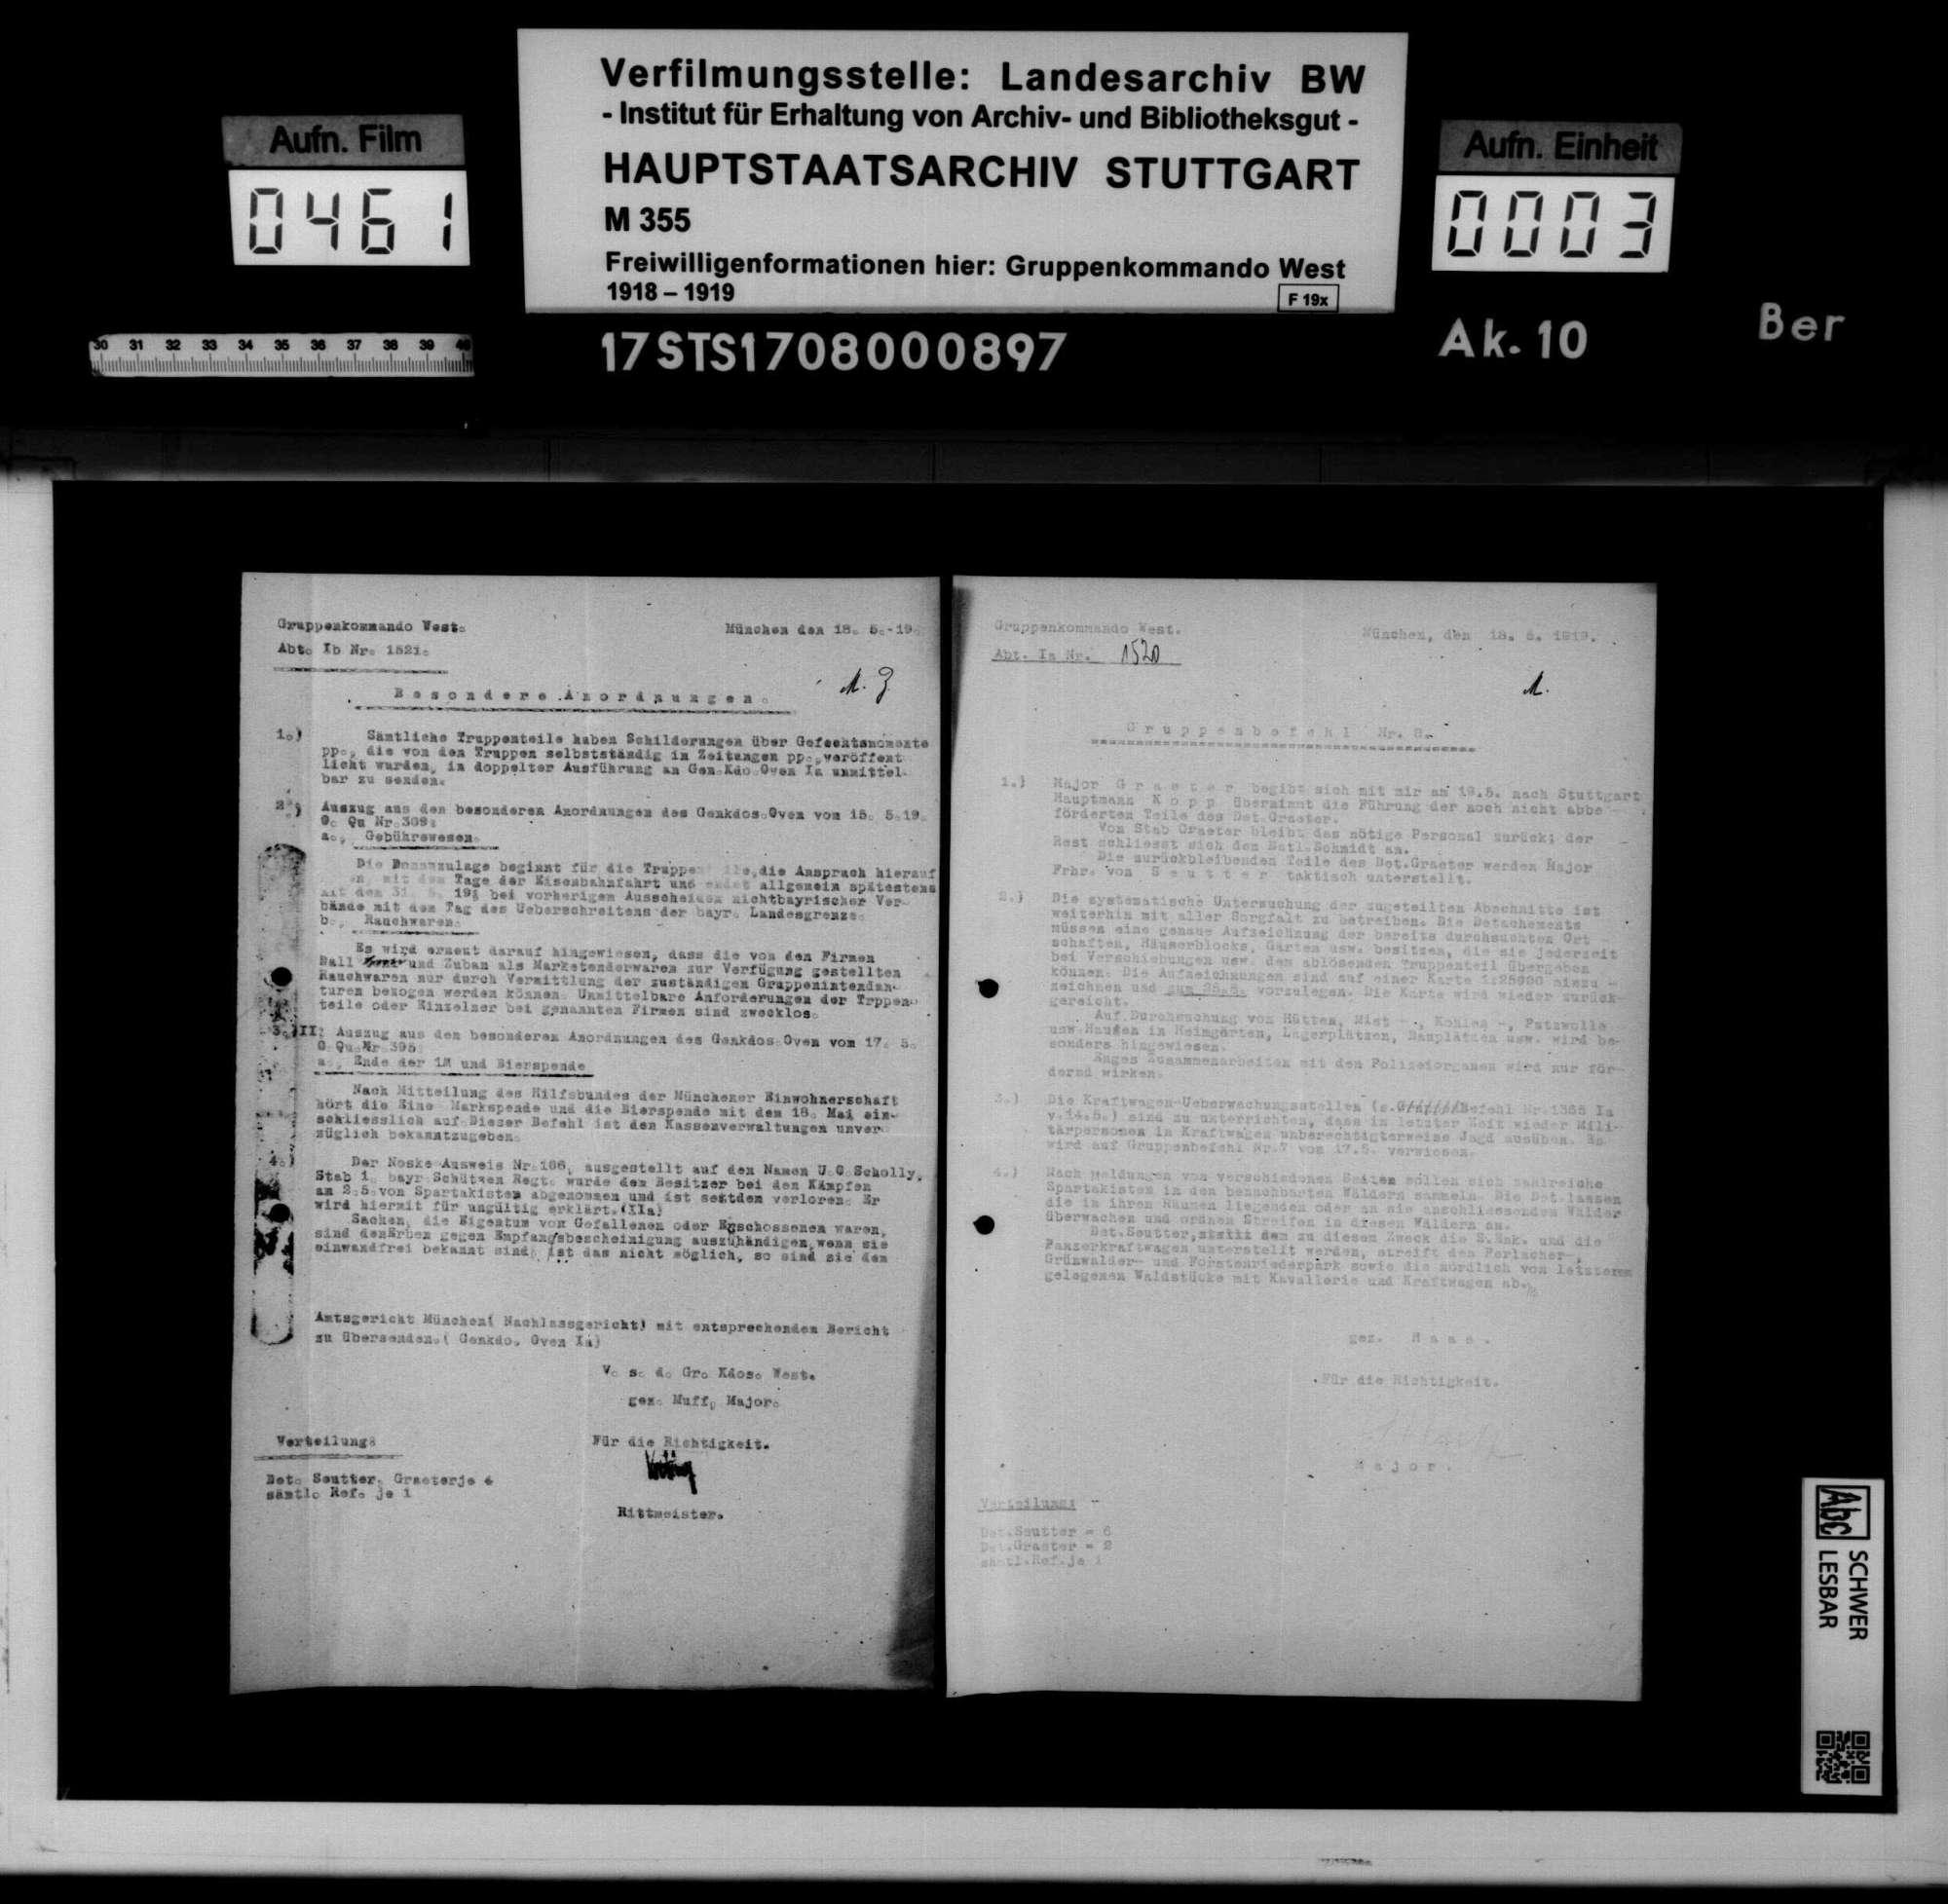 Befehle und Anordnungen des Württembergischen Kriegsministeriums, Generalkommandos XIII und der Bayerischen Behörden, Bild 1